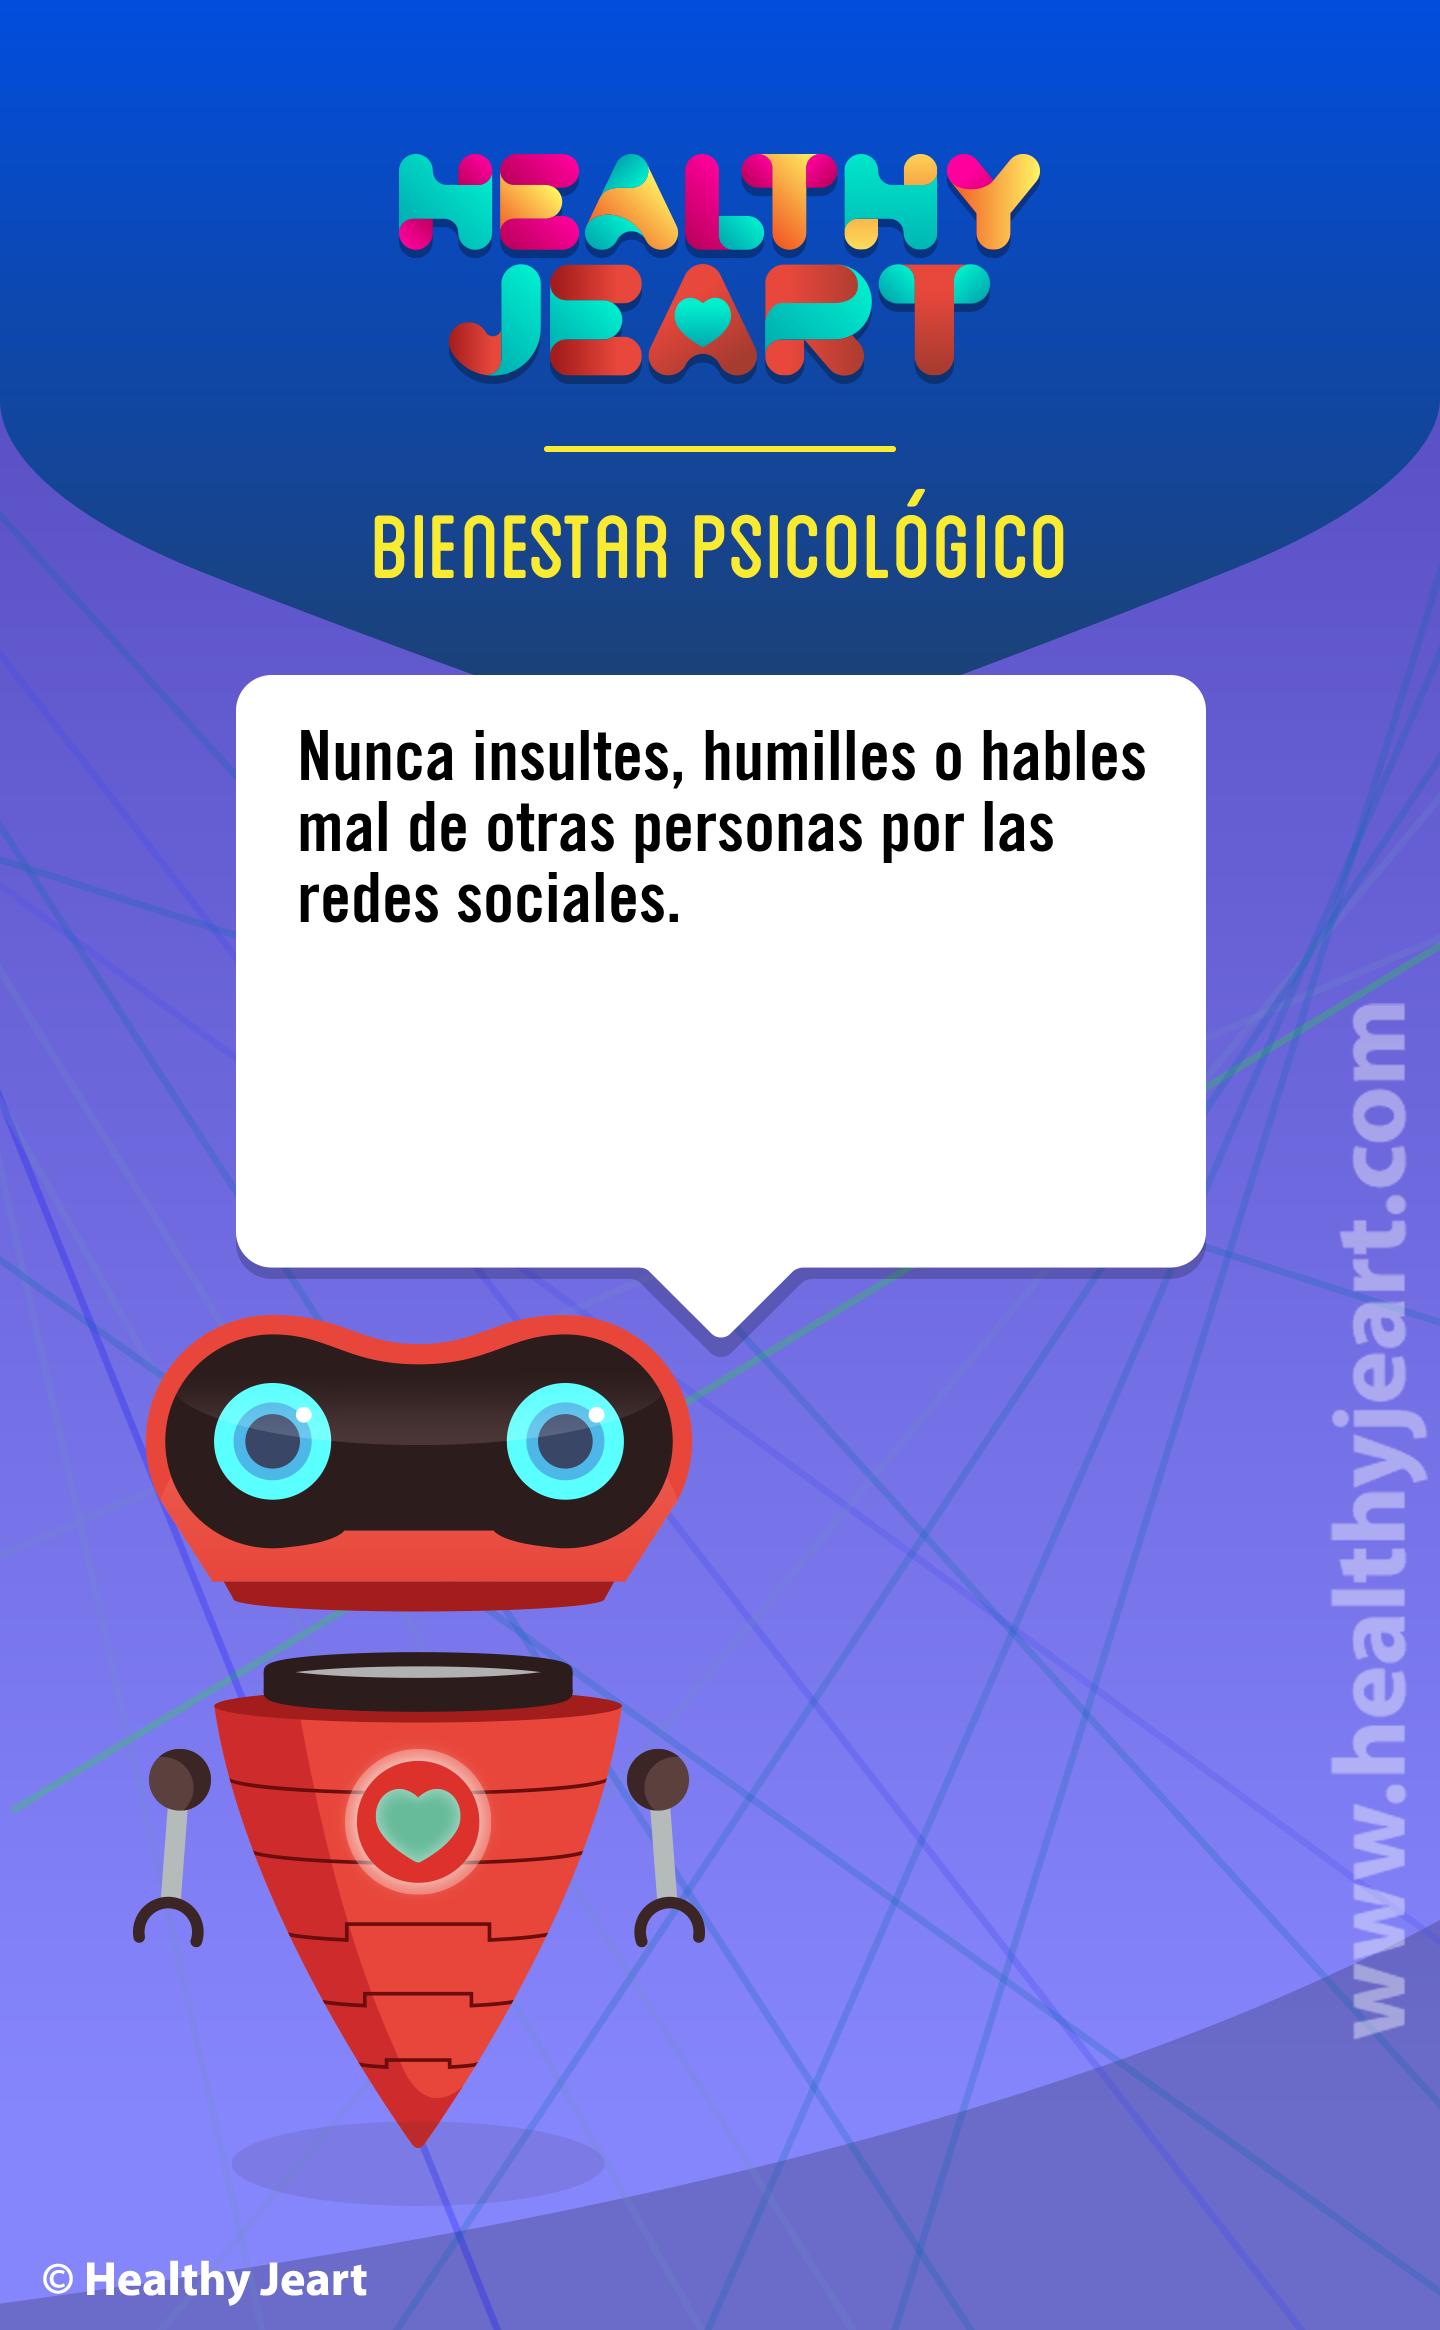 Nunca insultes, humilles o hables mal de otras personas por las redes sociales.